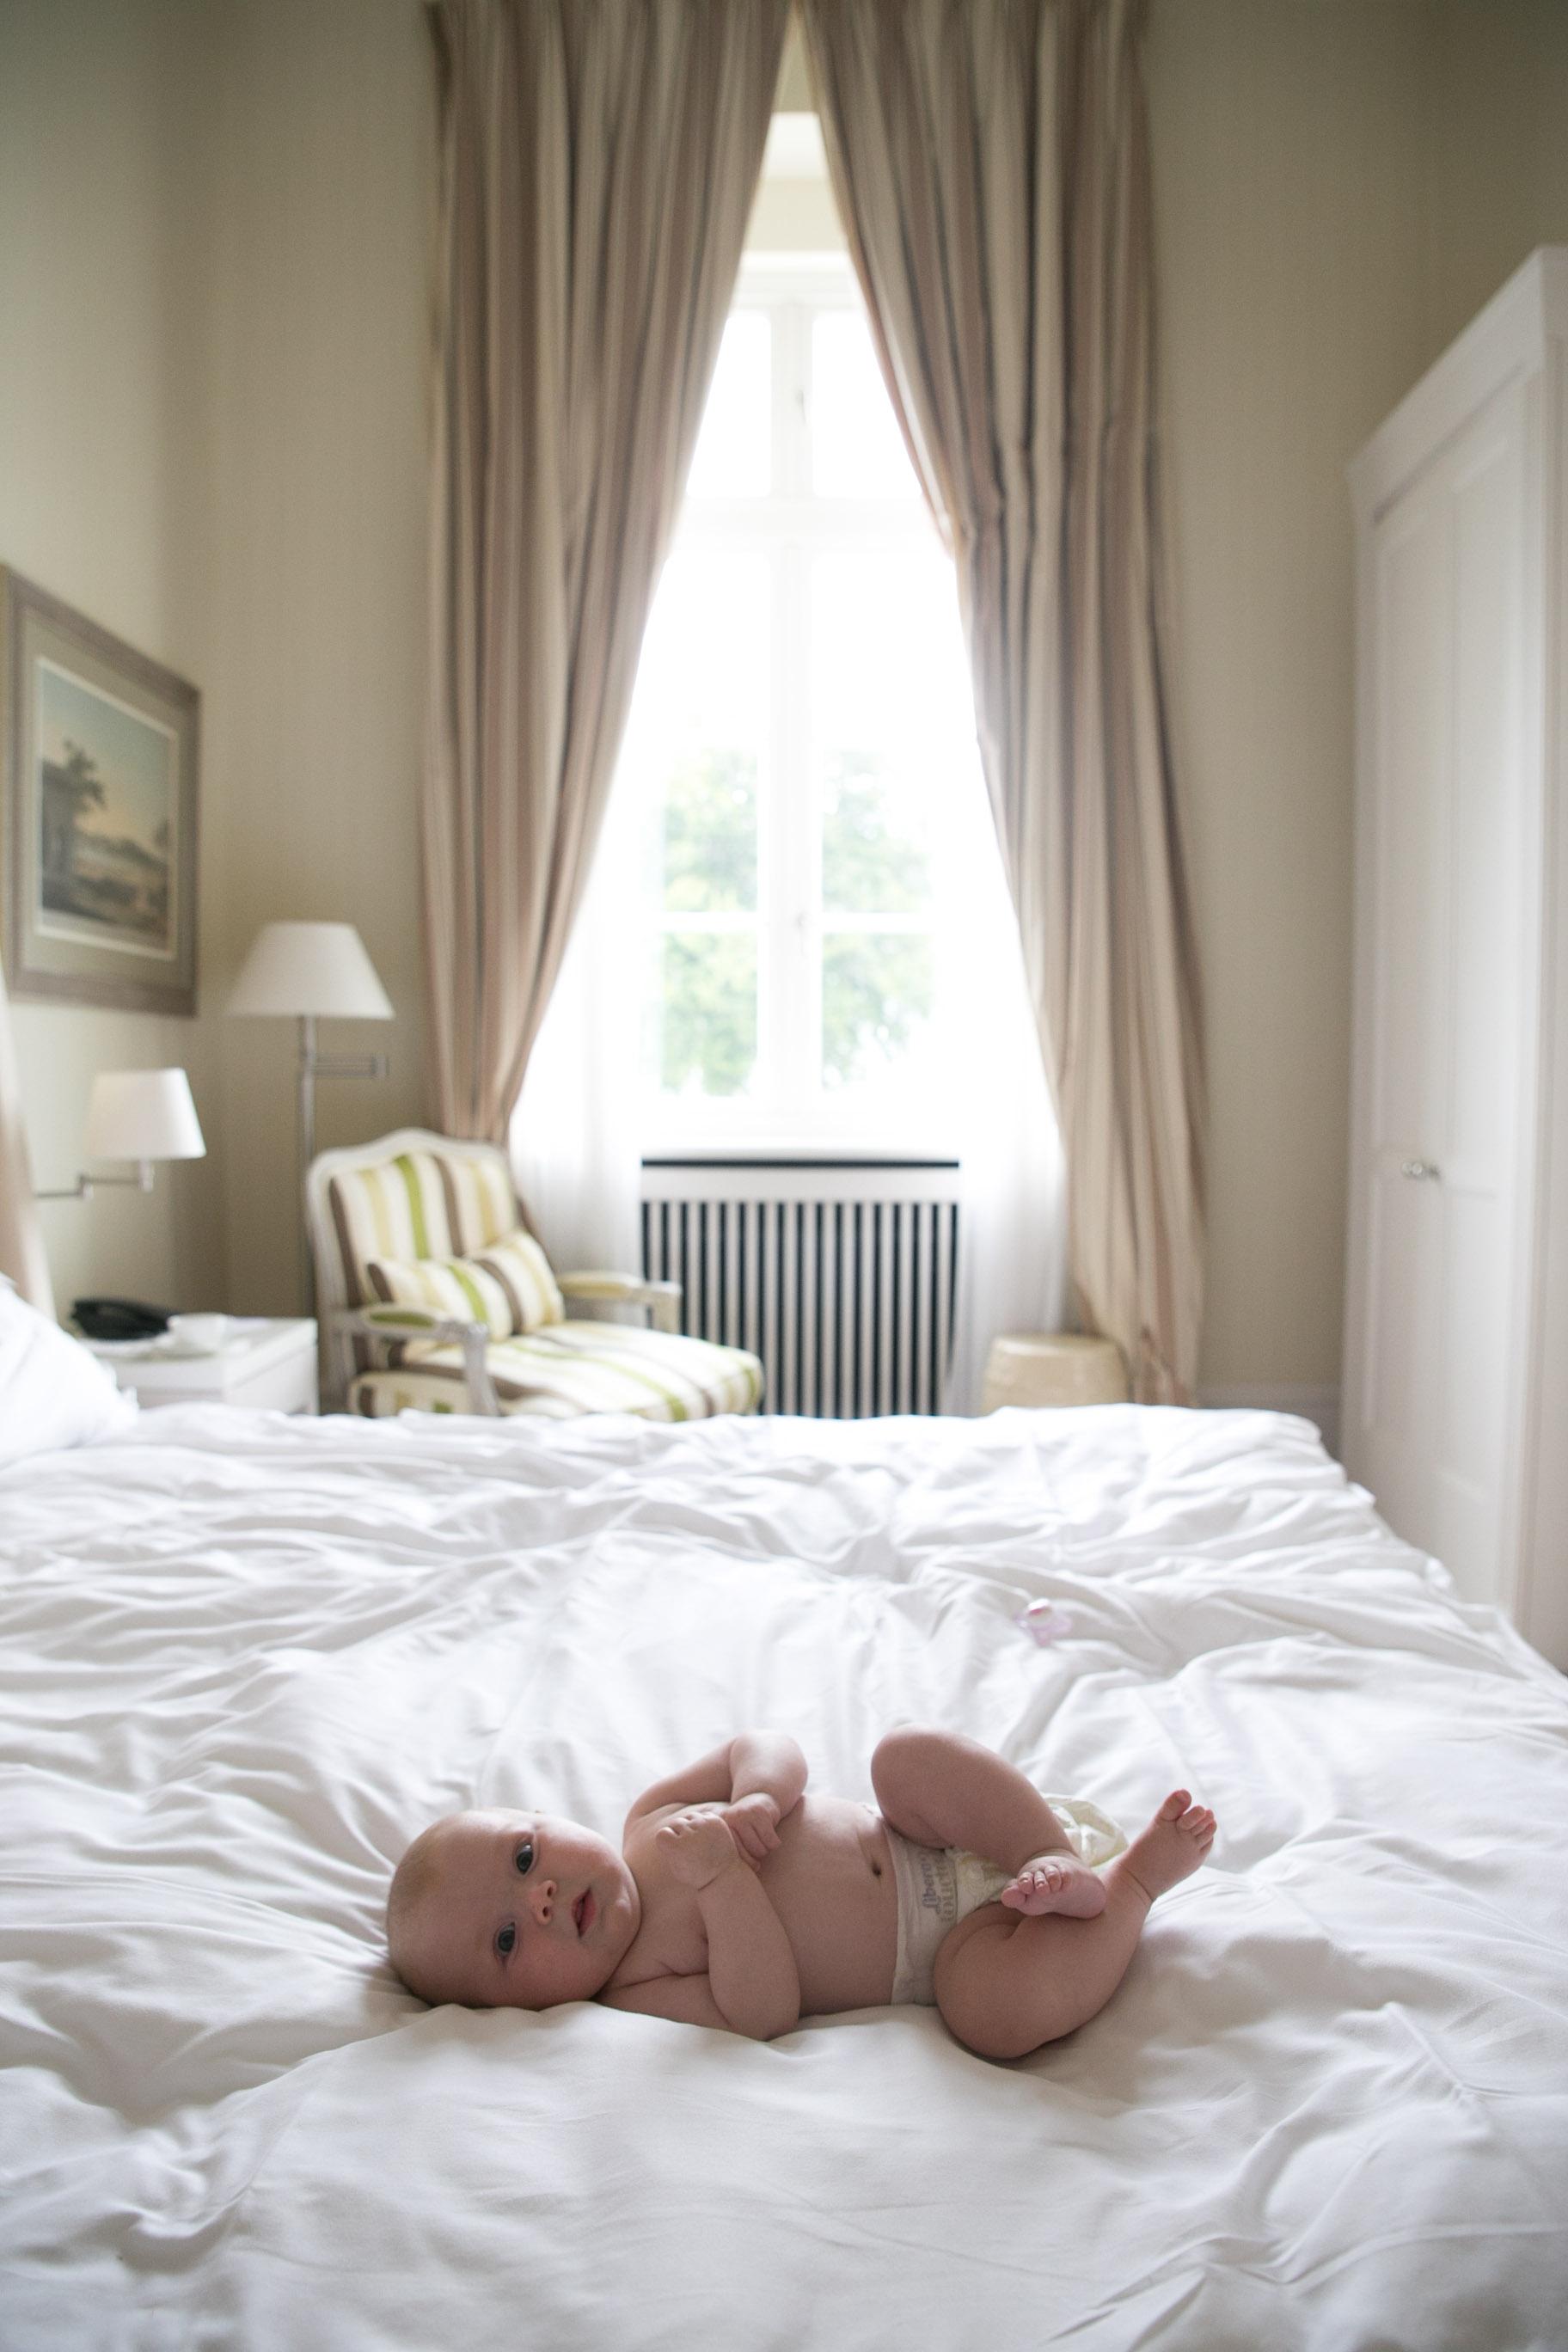 tyskland grand hotel heiligendamm barn libero touch.jpg